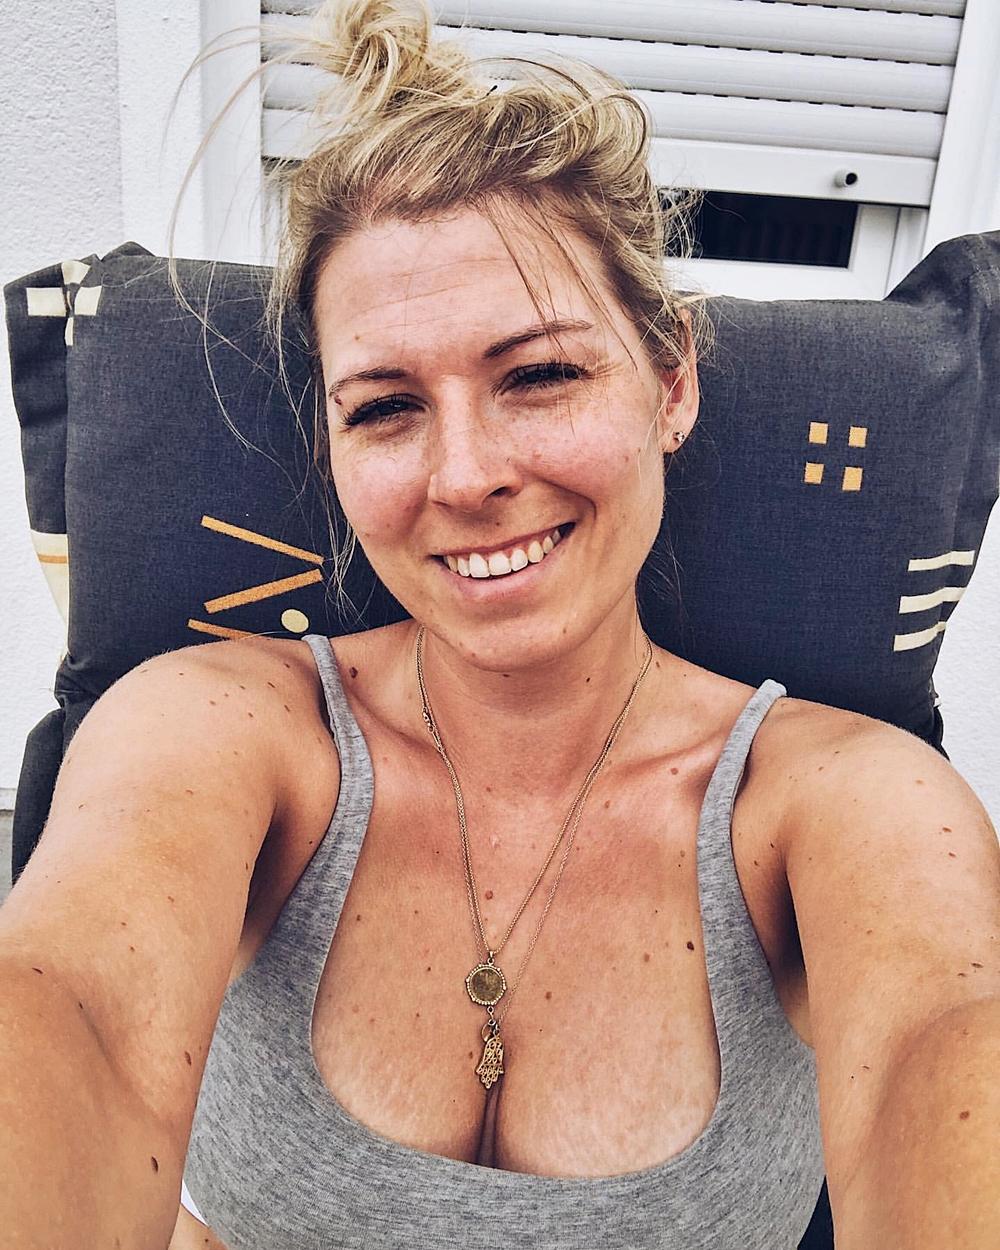 Life Update September 2019 fashionkitchen selfie gartenarbeit